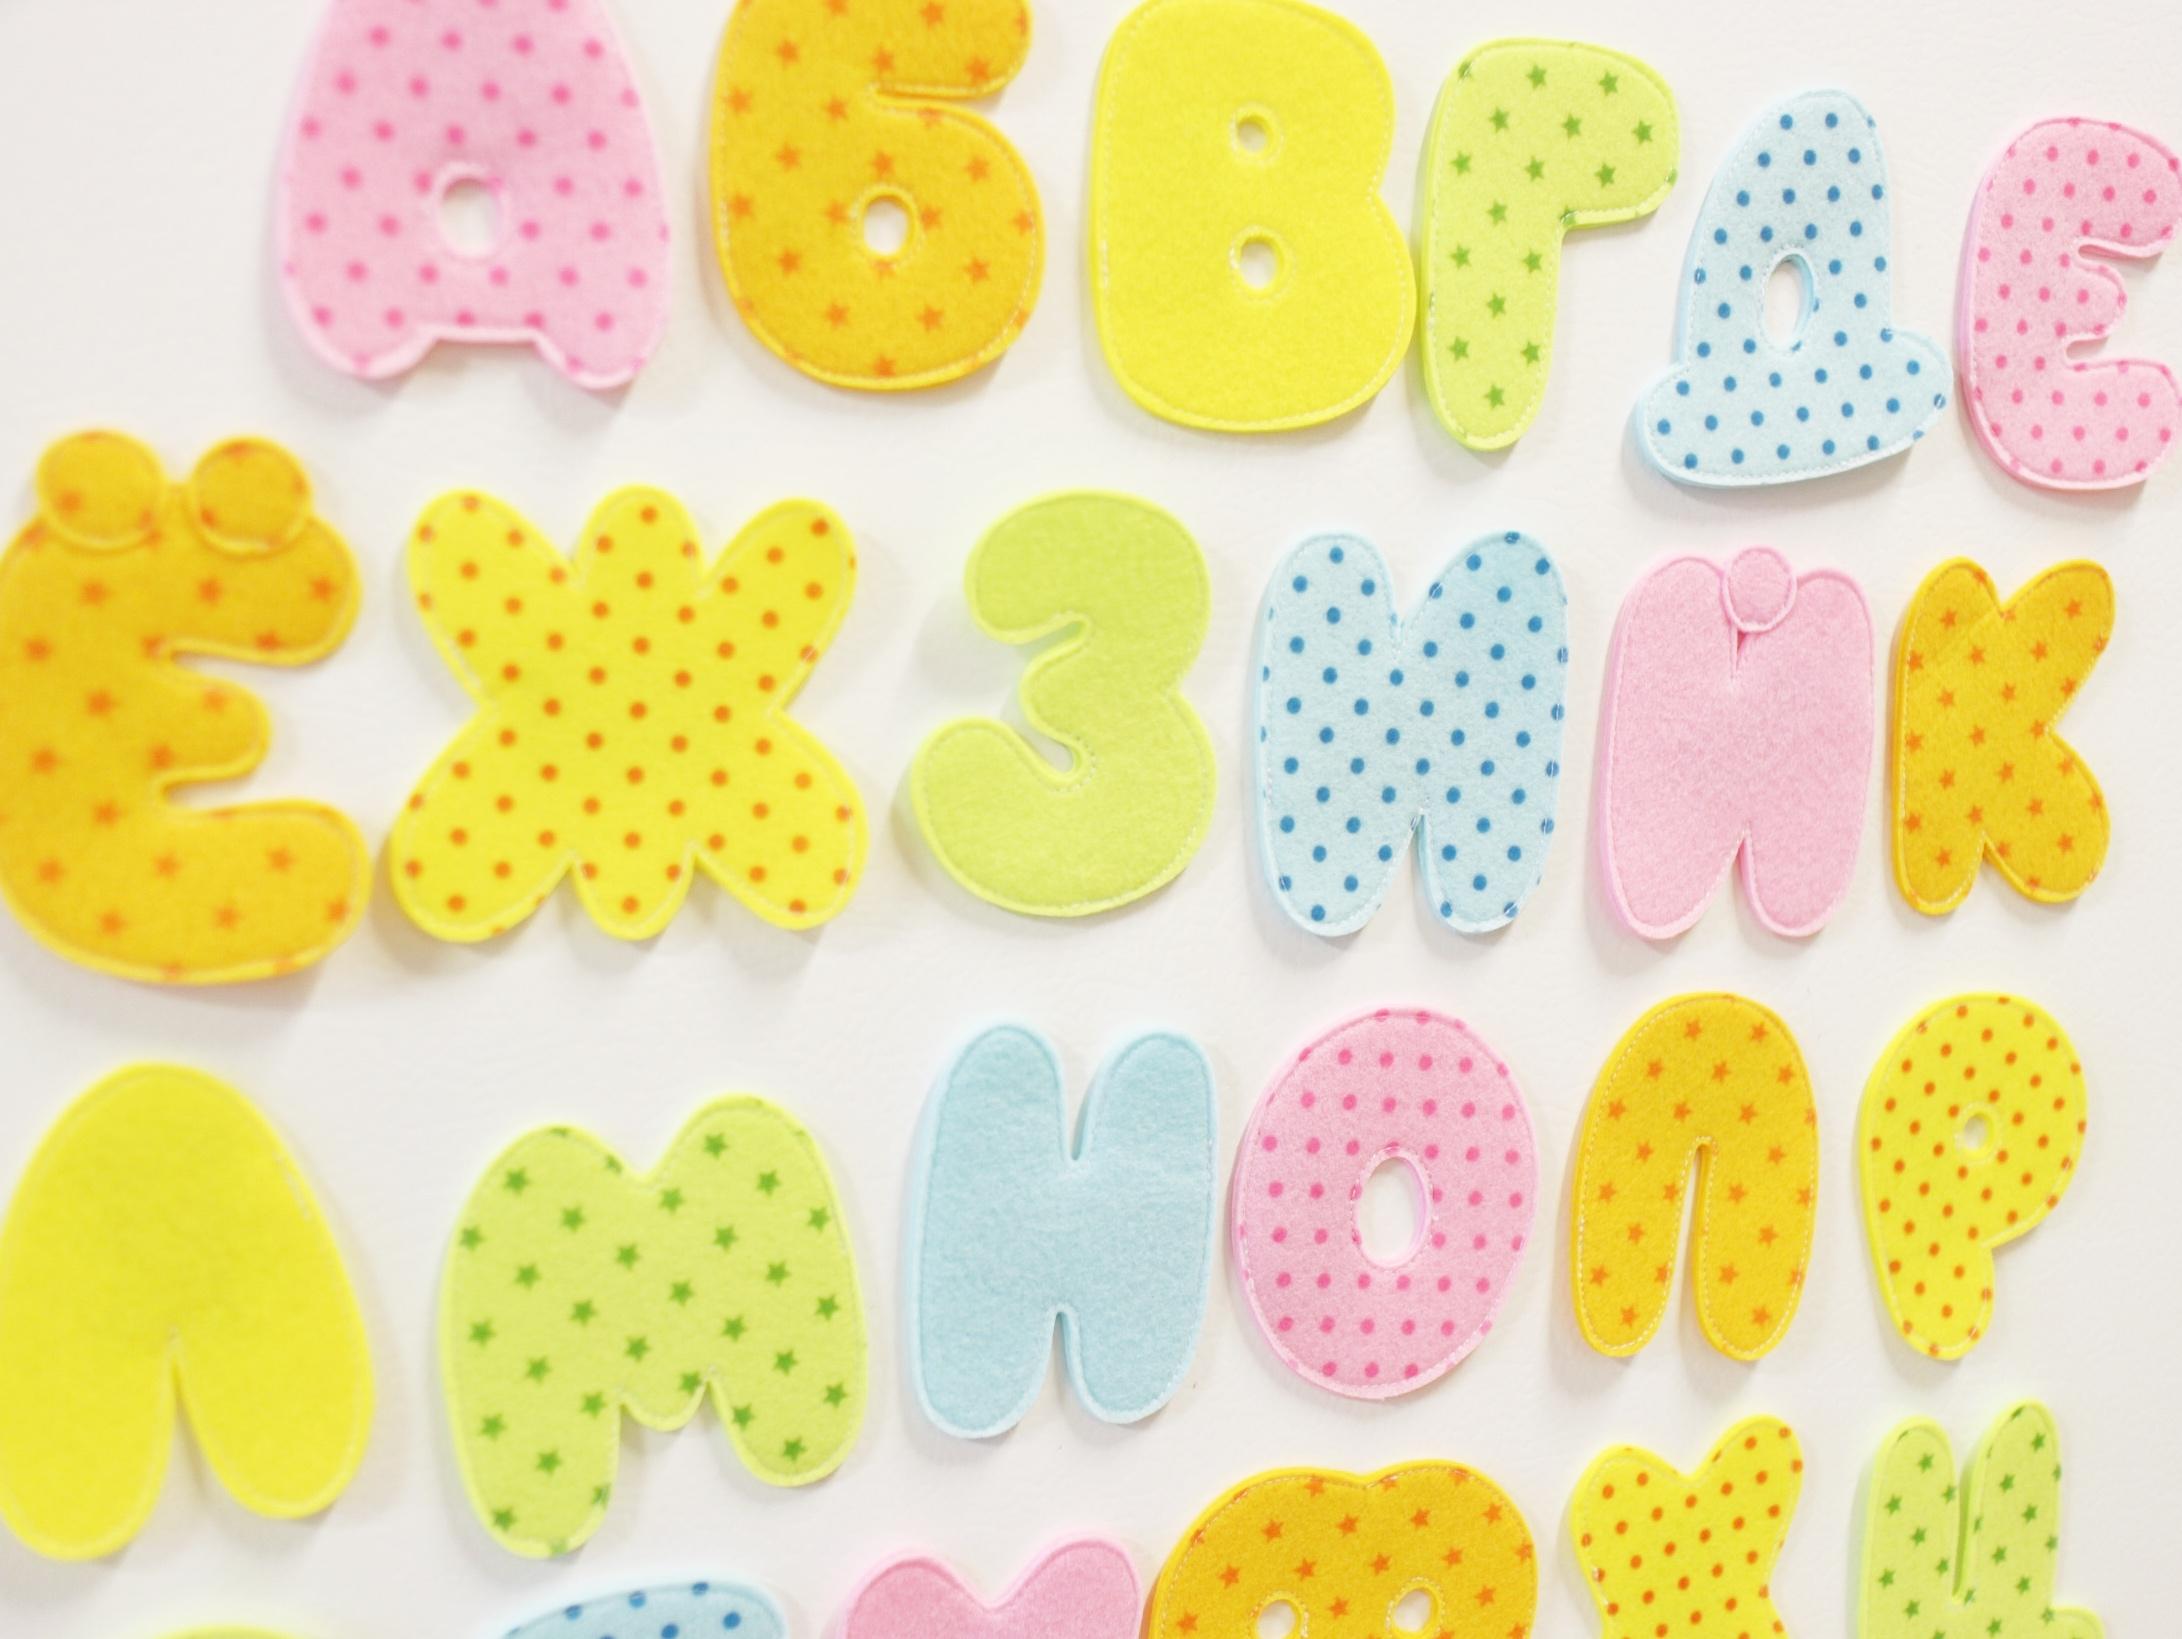 буквы из фетра выкройки букв из фетра мастер-класс буквы с магнитами